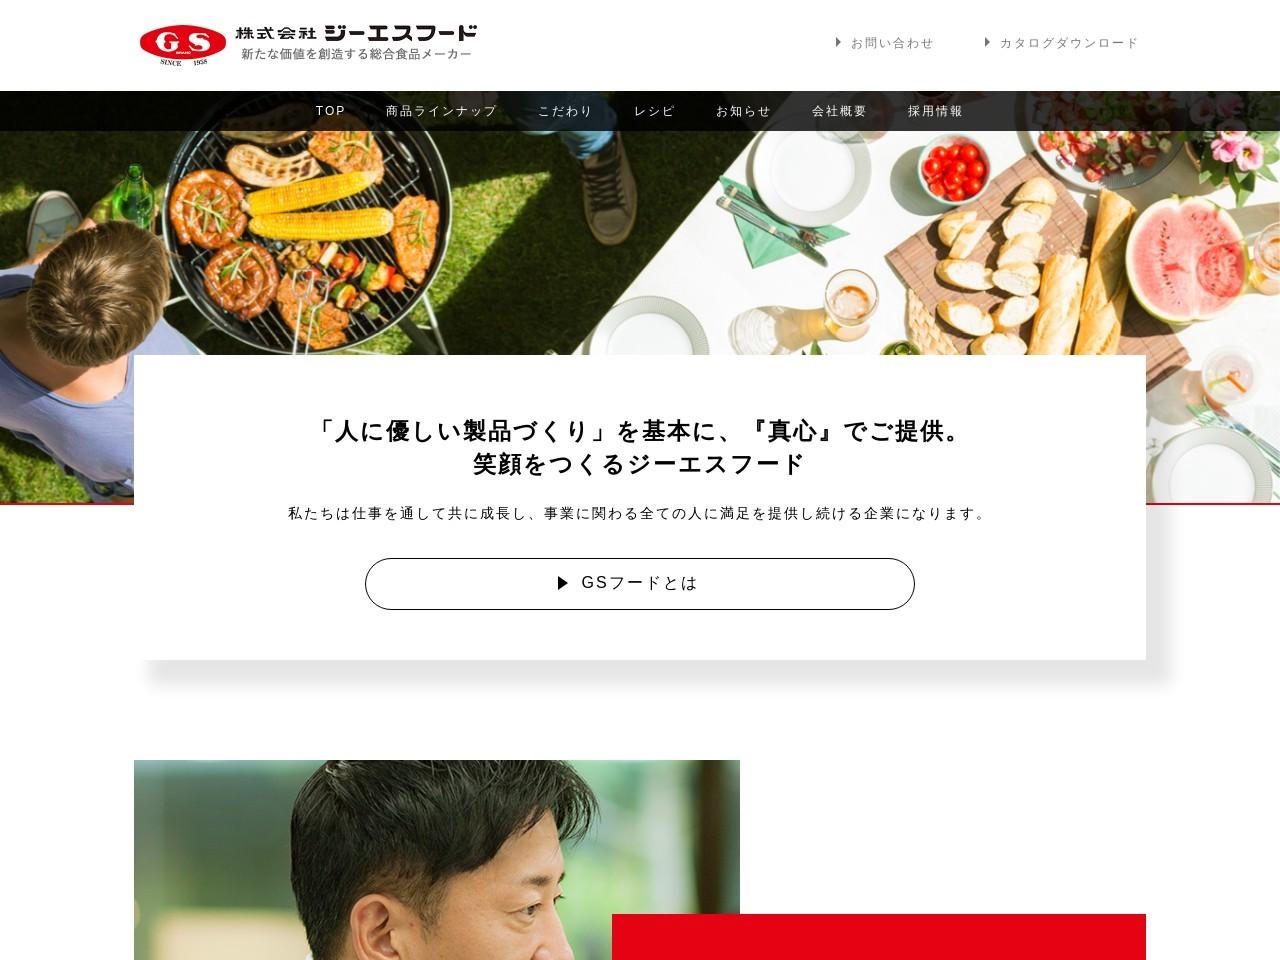 株式会社ジーエスフード - 新たな価値を創造する総合食品メーカー